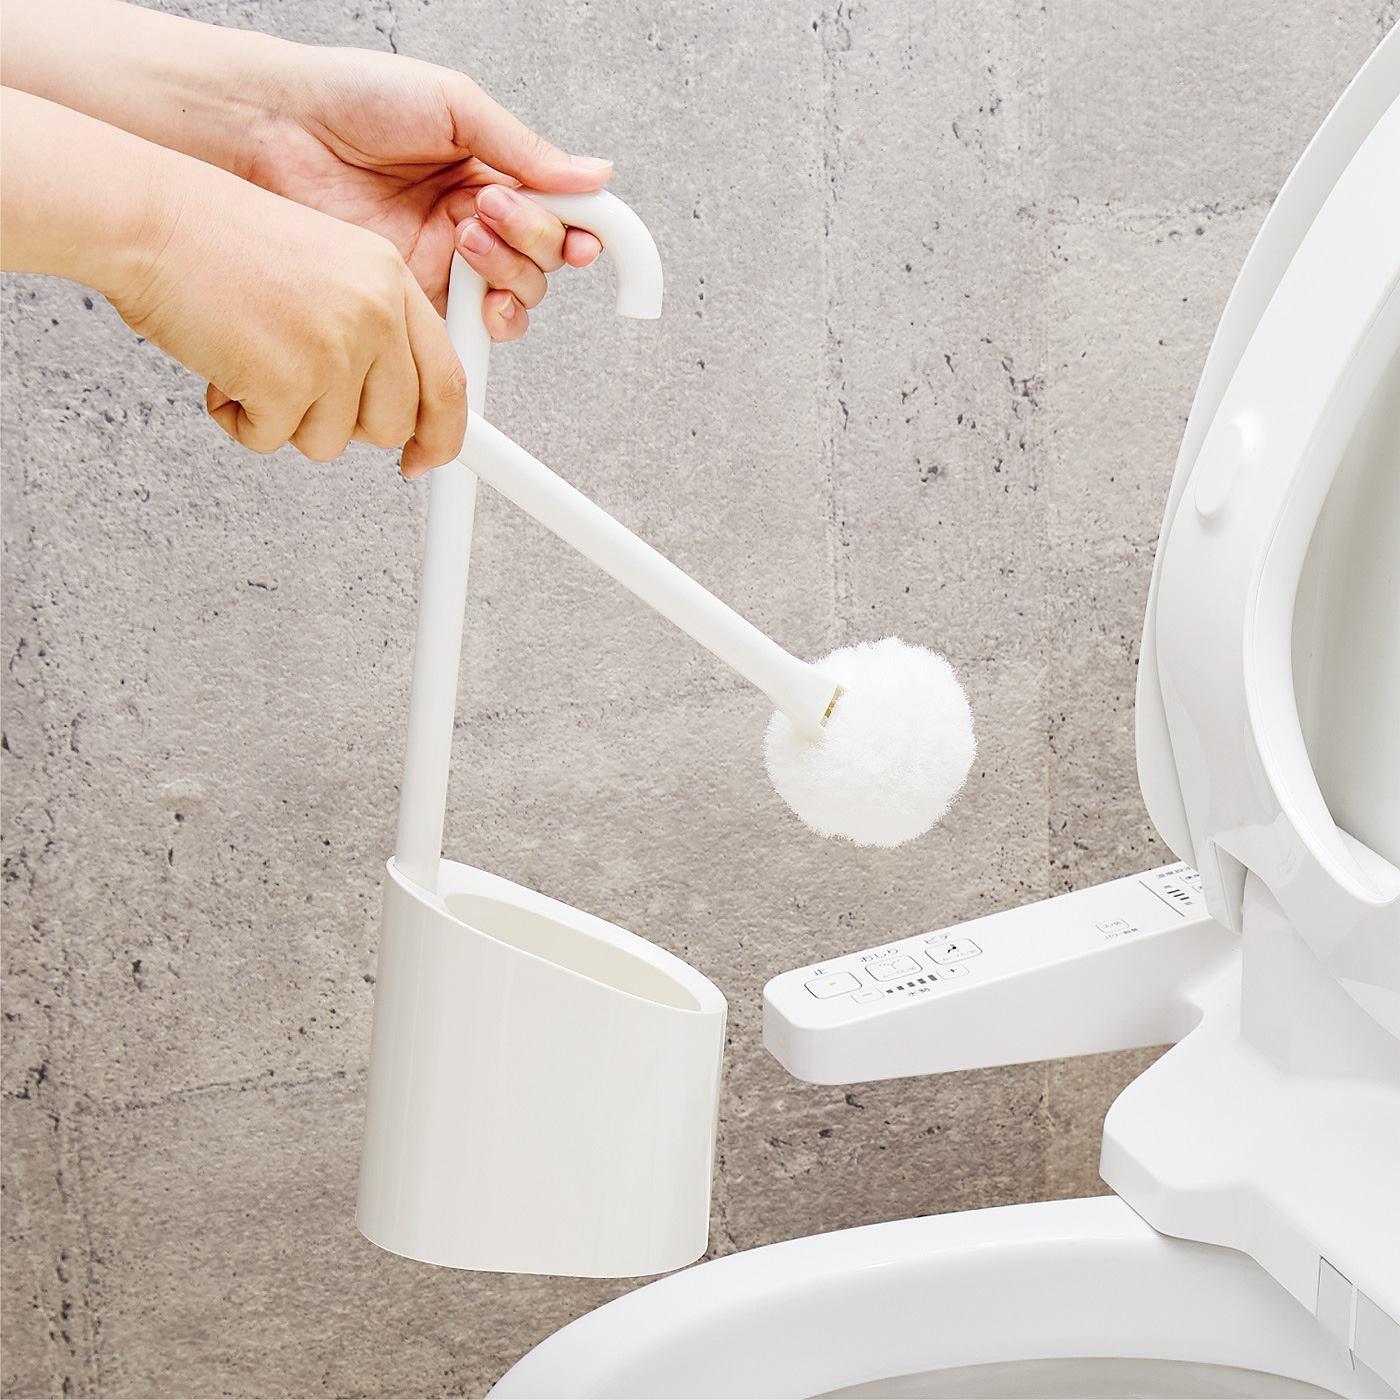 掃除あとの水だれのお悩み解決! 磁石で浮かせて収納できるトイレブラシ